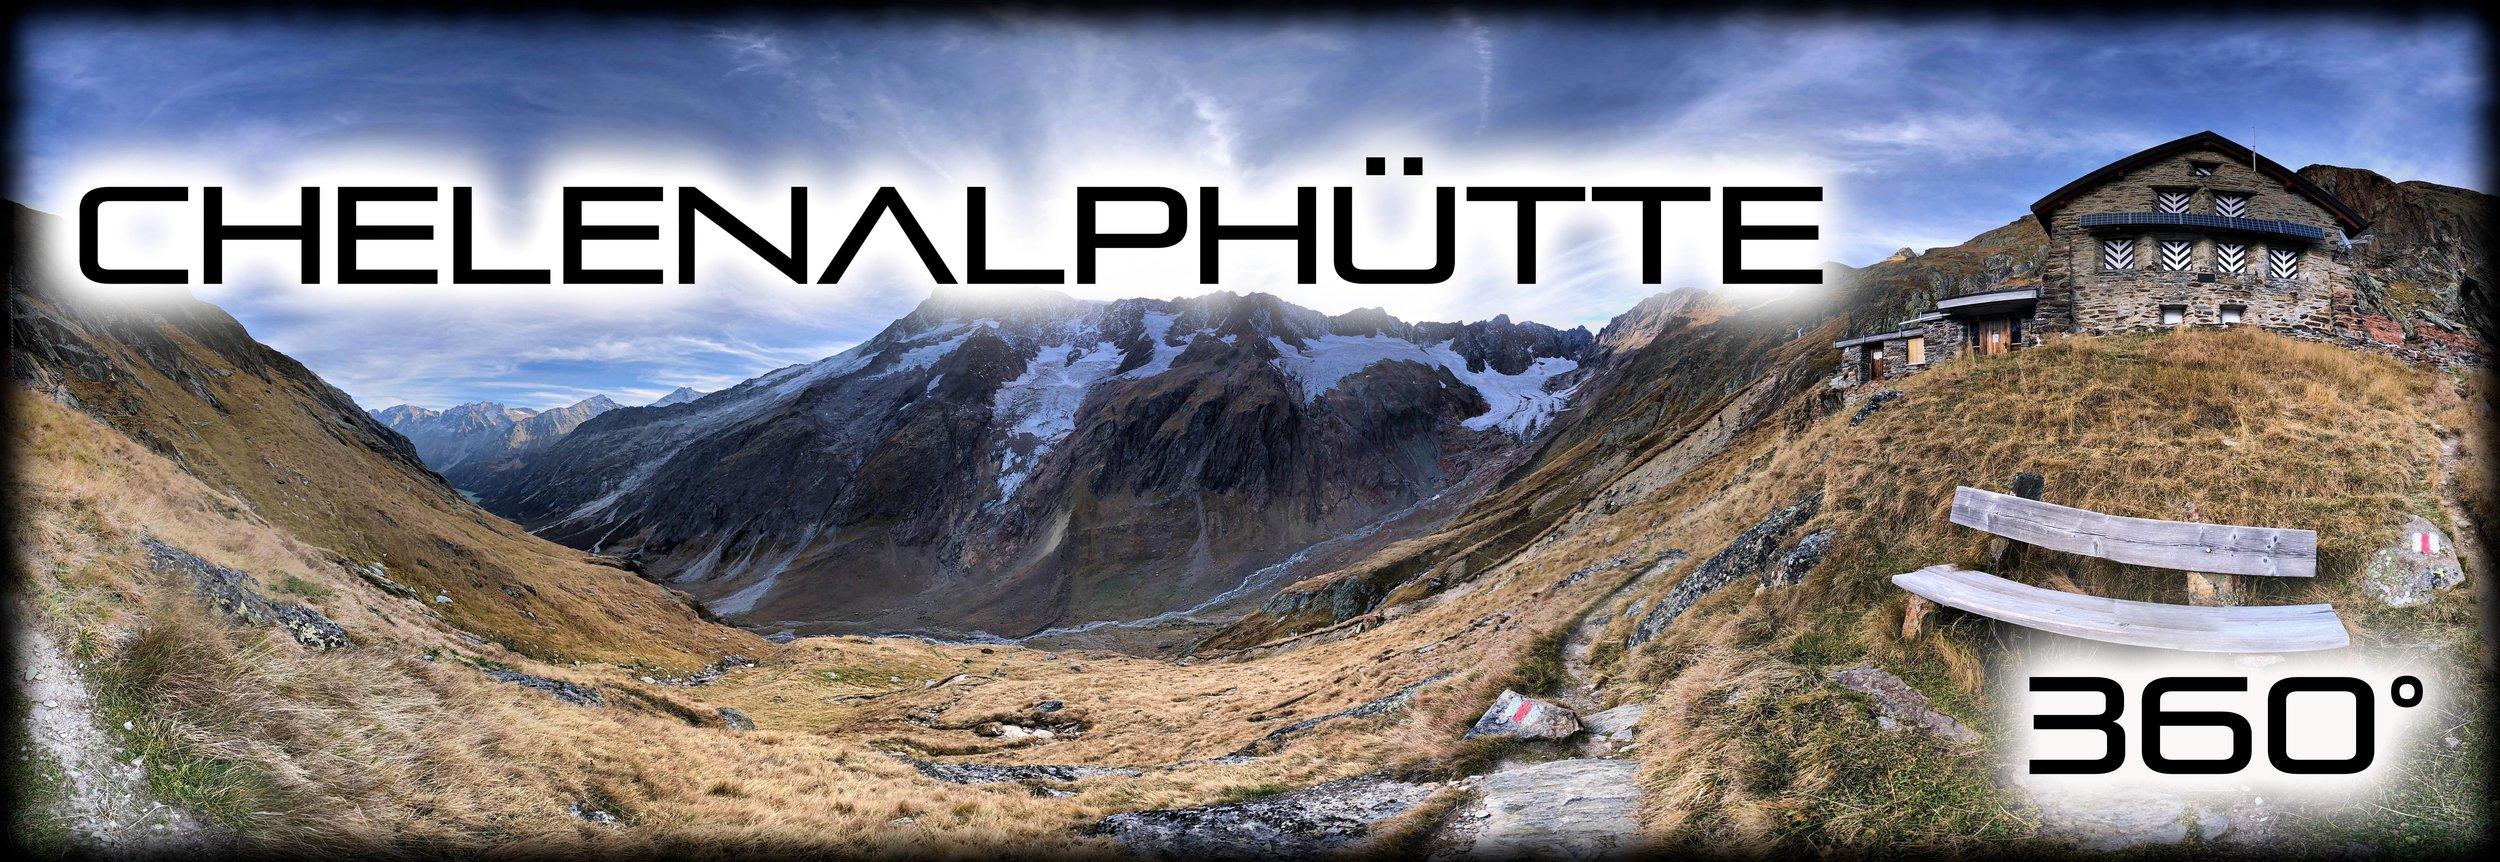 Chelenalphütte 360° Wanderung